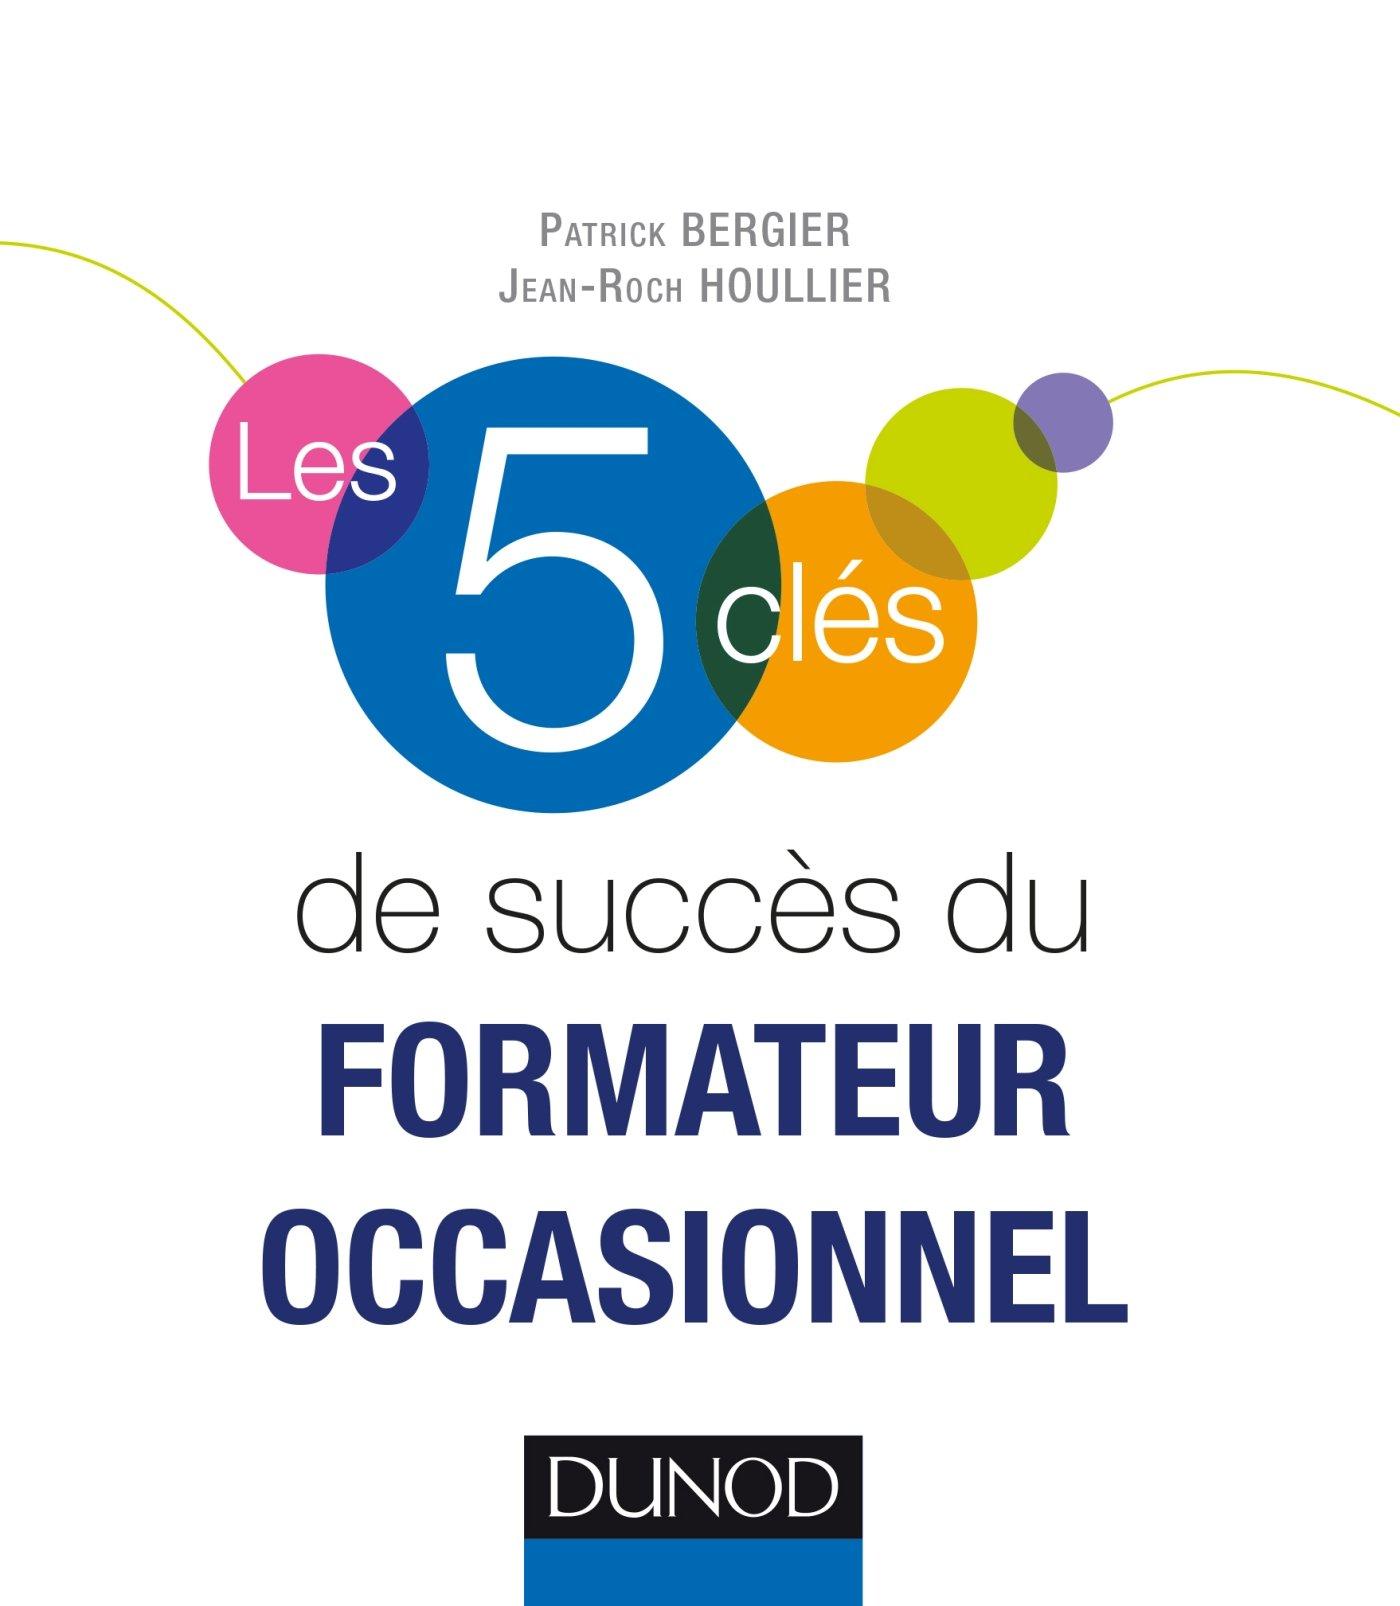 télécharger LES 5 CLÉS DE SUCCÈS DU FORMATEUR OCCASIONNEL